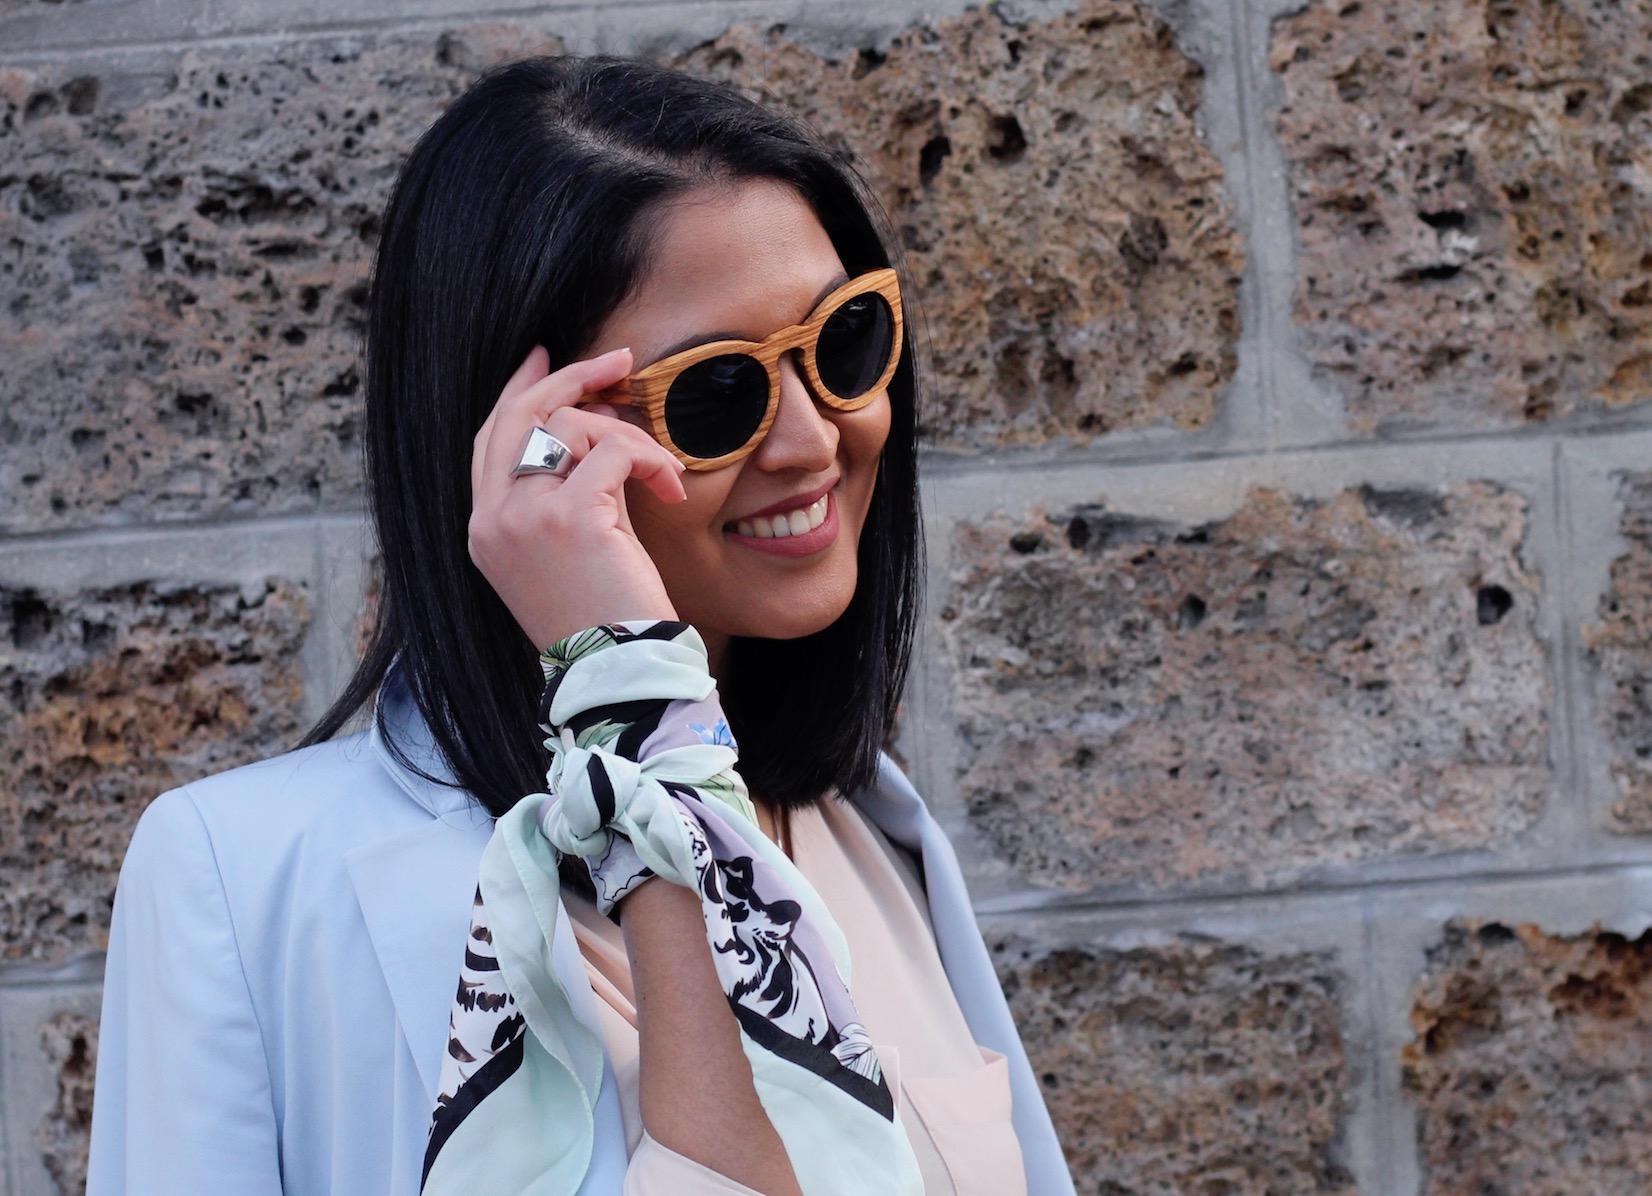 chaussures classiques profitez de la livraison gratuite style unique La tendance foulard : 5 façons de l'adopter - The Miscellanista